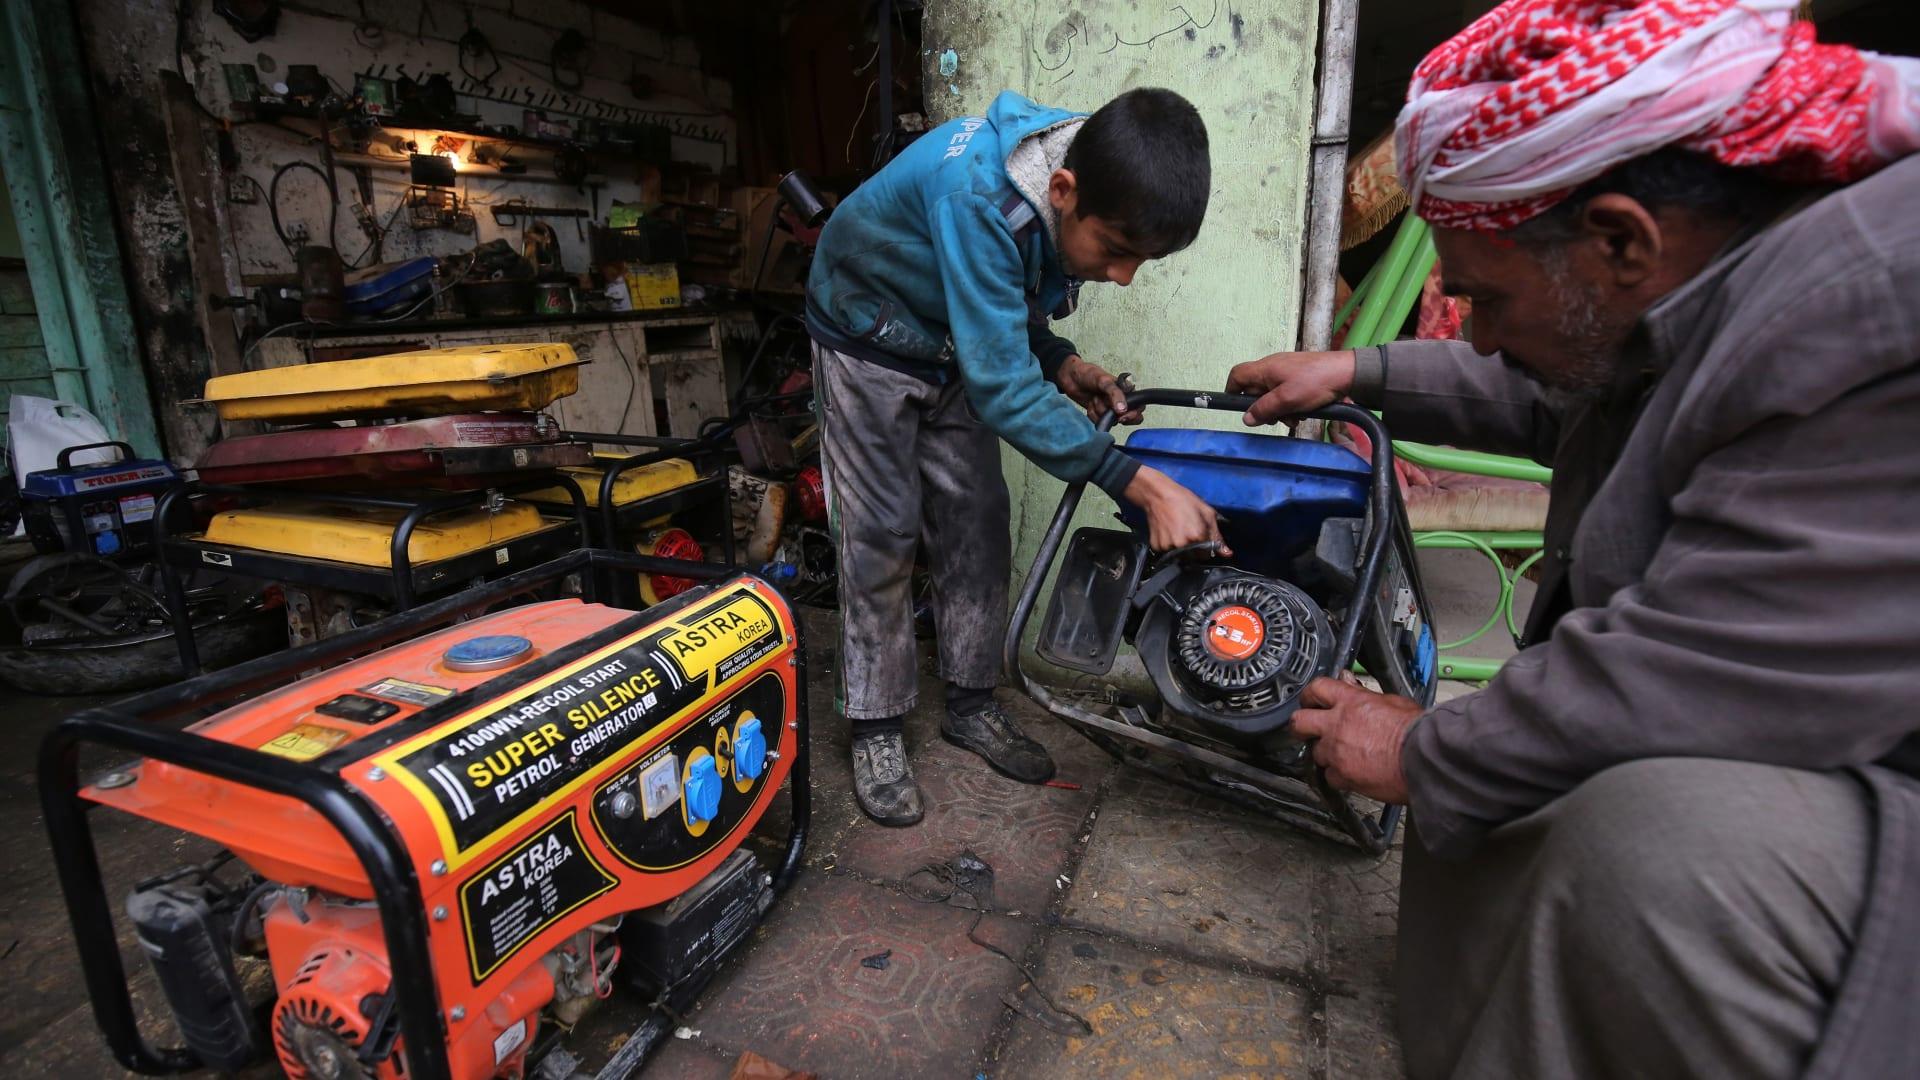 العراق تتفق مع جنرال اليكتريك وسيمنز لتوفير 24 غيغاواط كهرباء